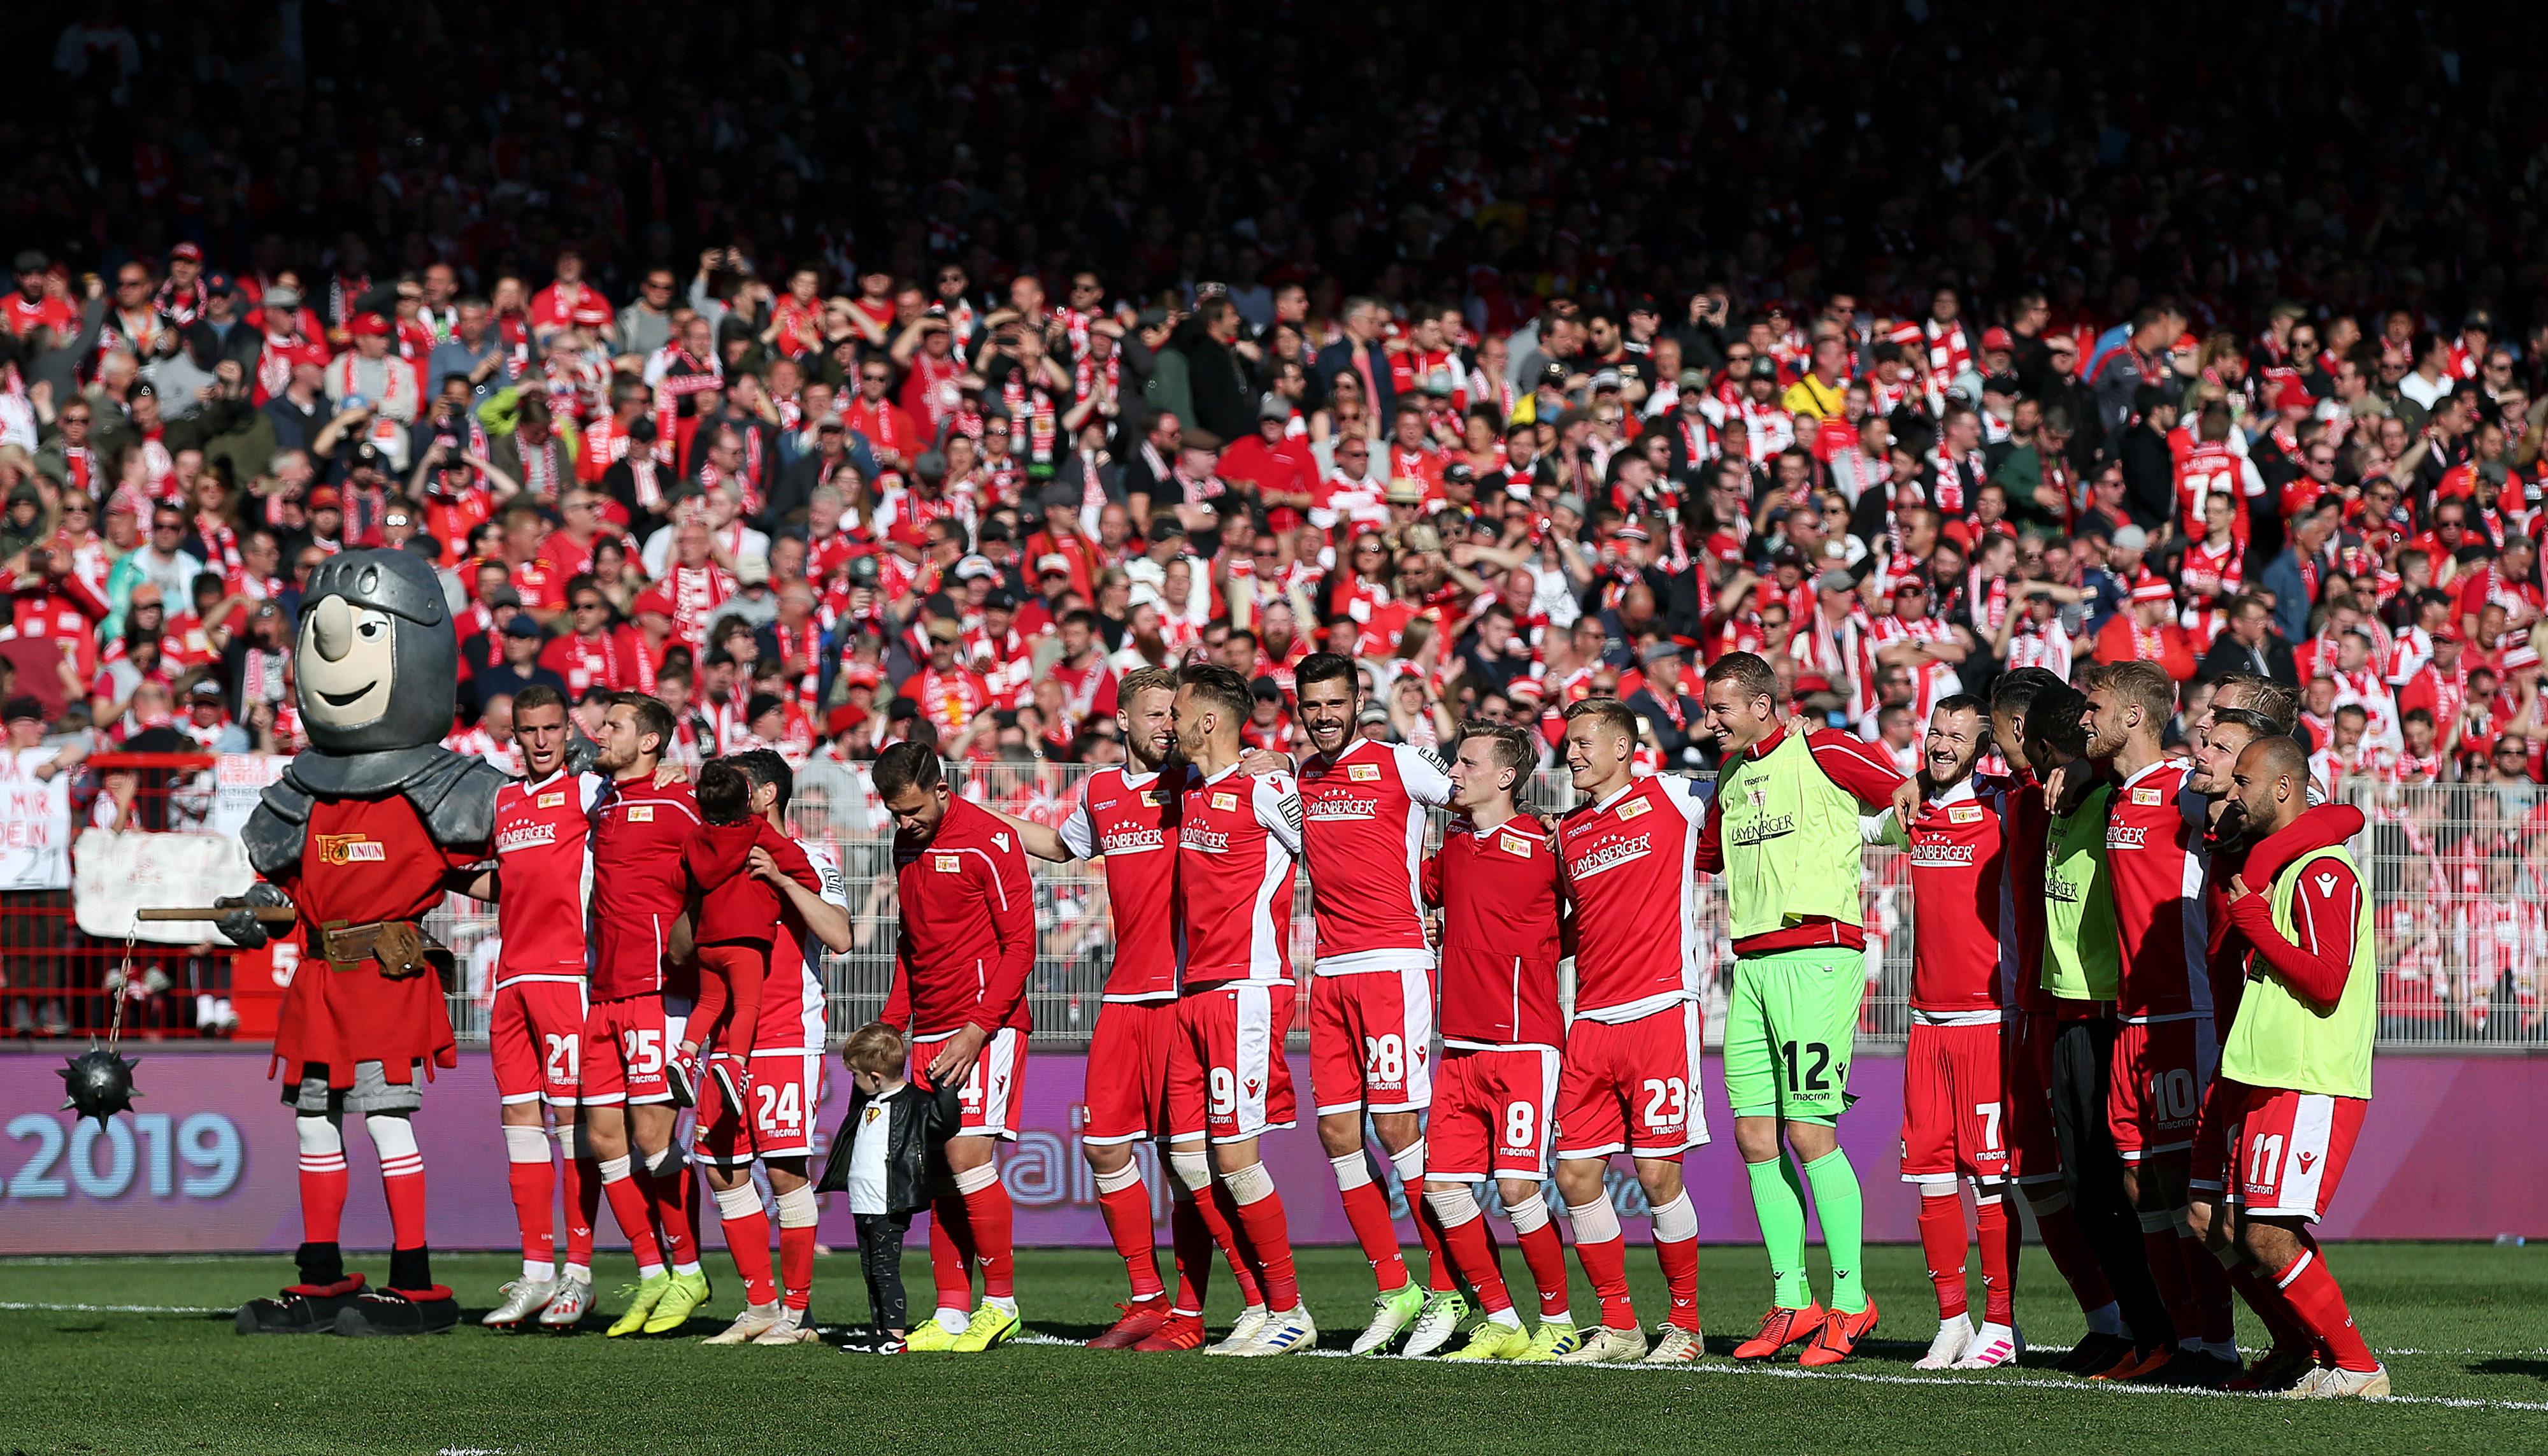 VfL Bochum – Union Berlin: Mit Heimspielatmosphäre zum Aufstieg